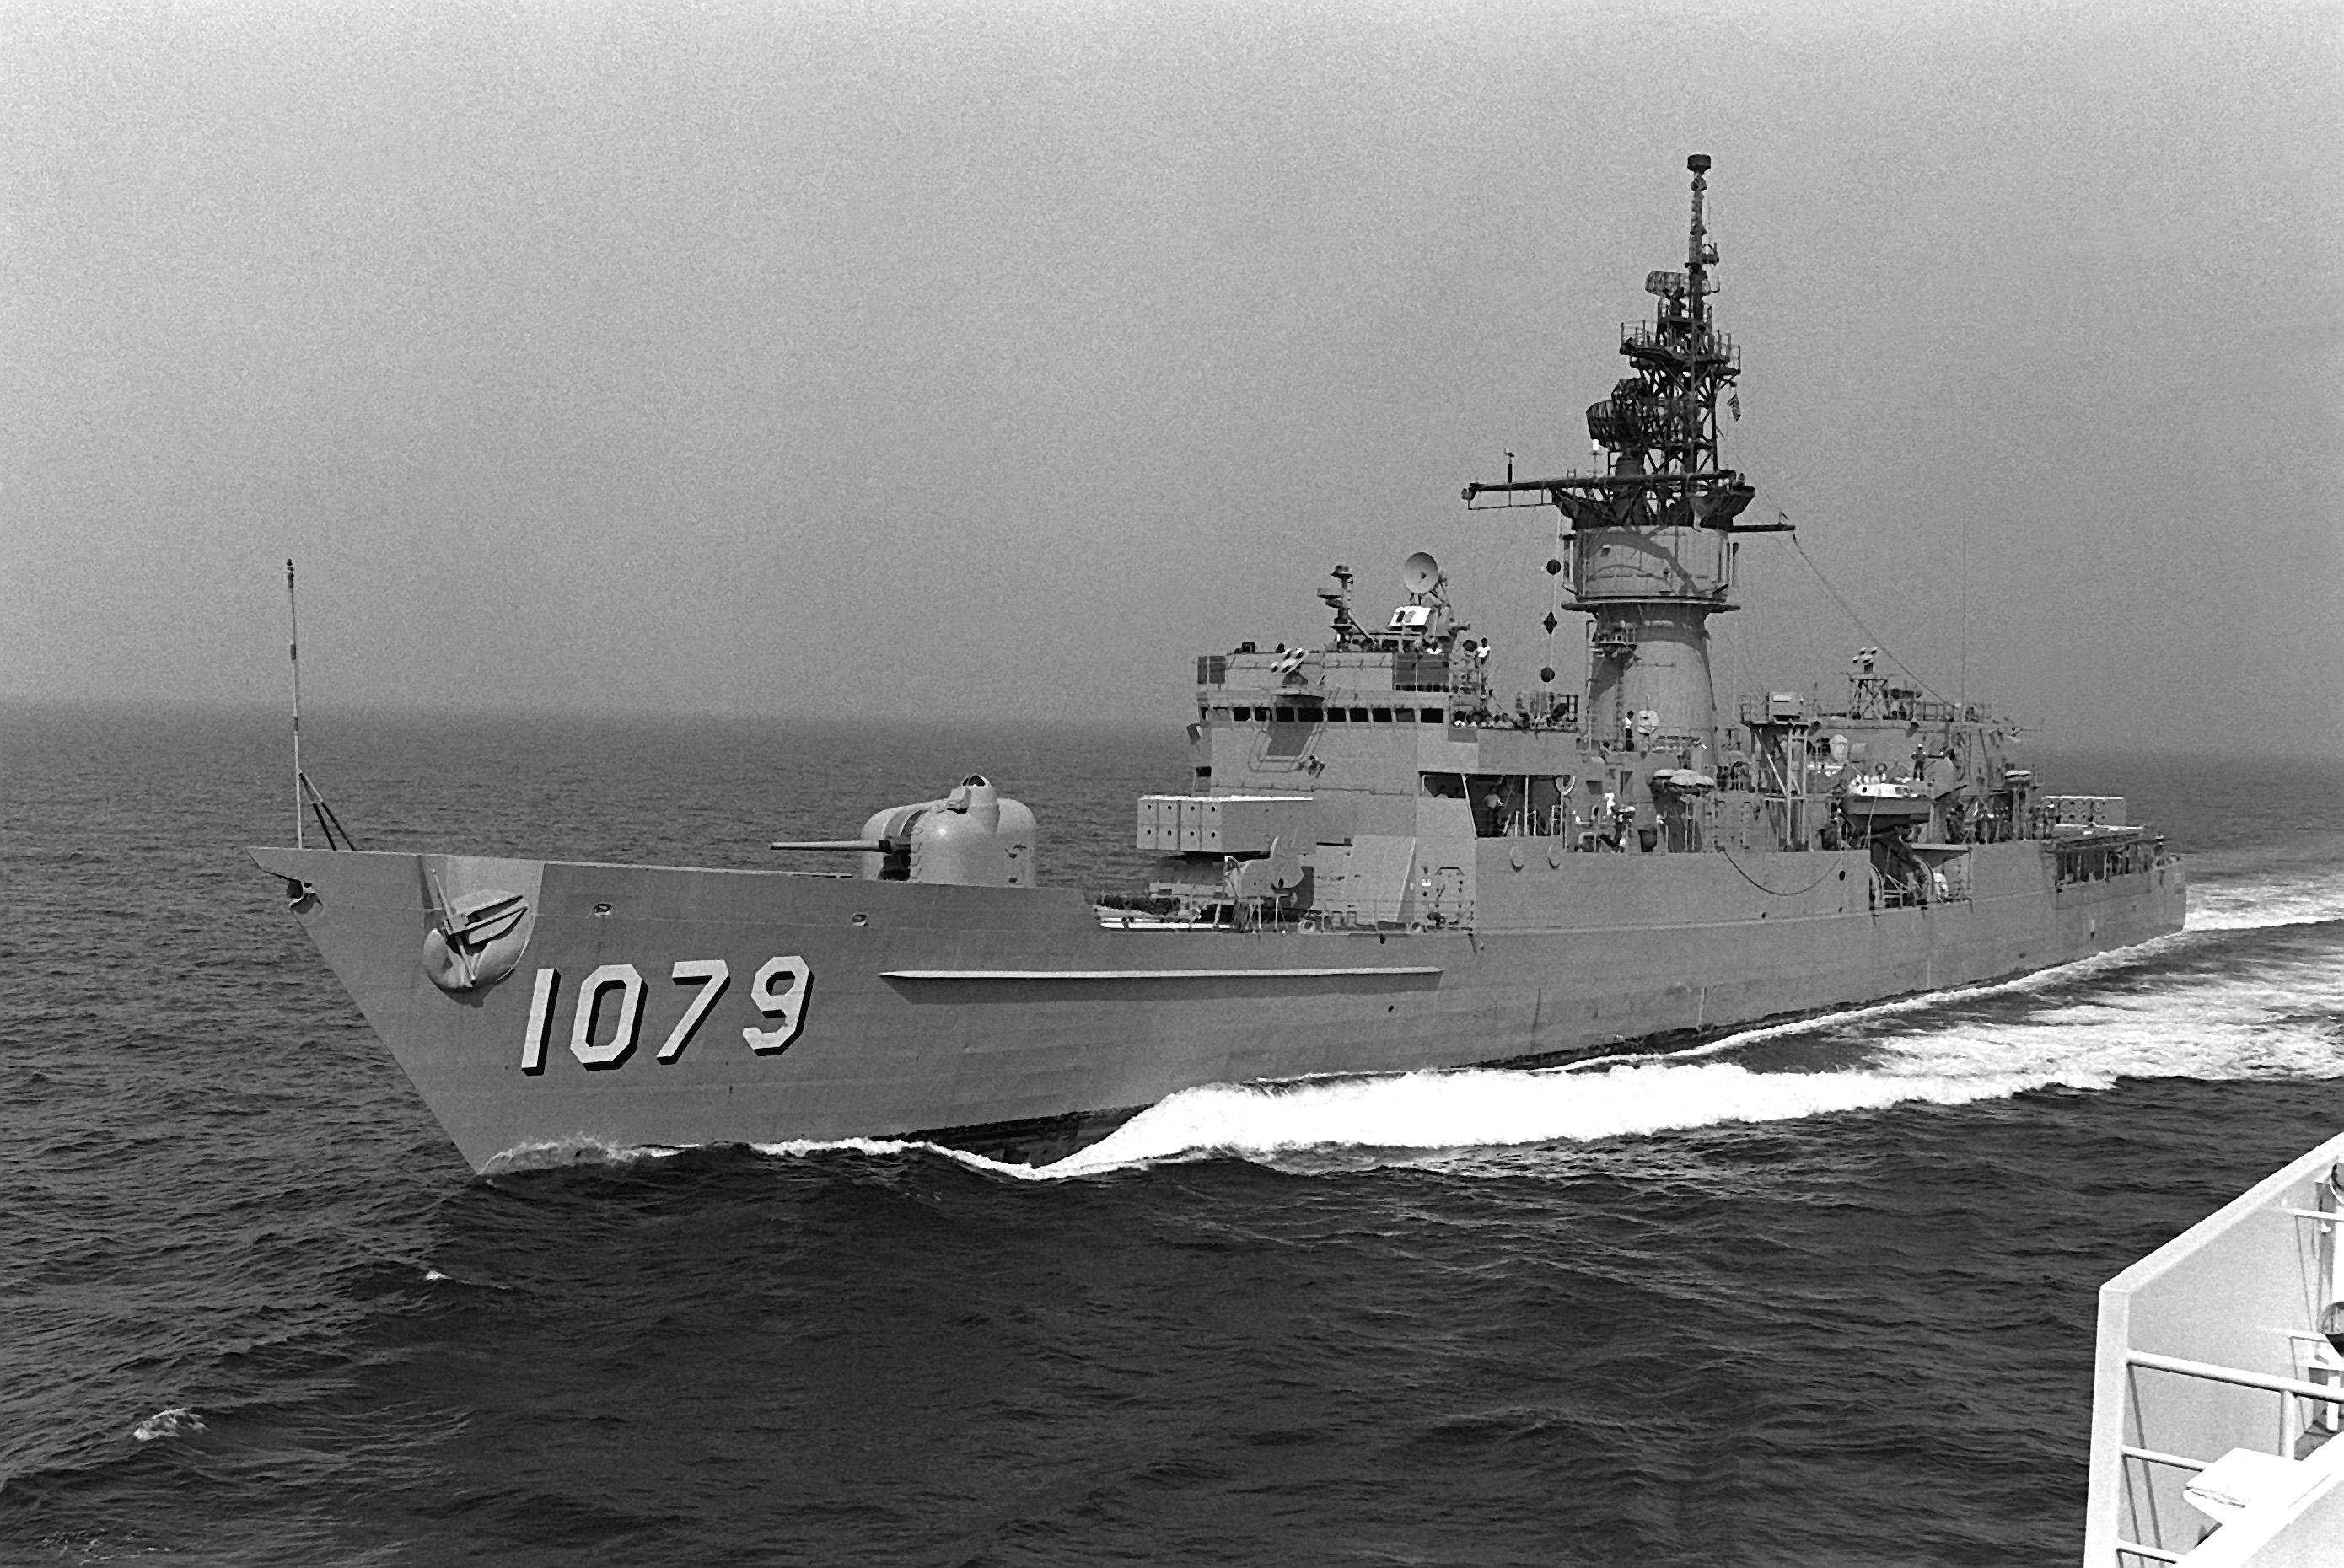 El juego de las imagenes-http://upload.wikimedia.org/wikipedia/commons/5/5c/USS_Bowen_(FF-1079).jpg